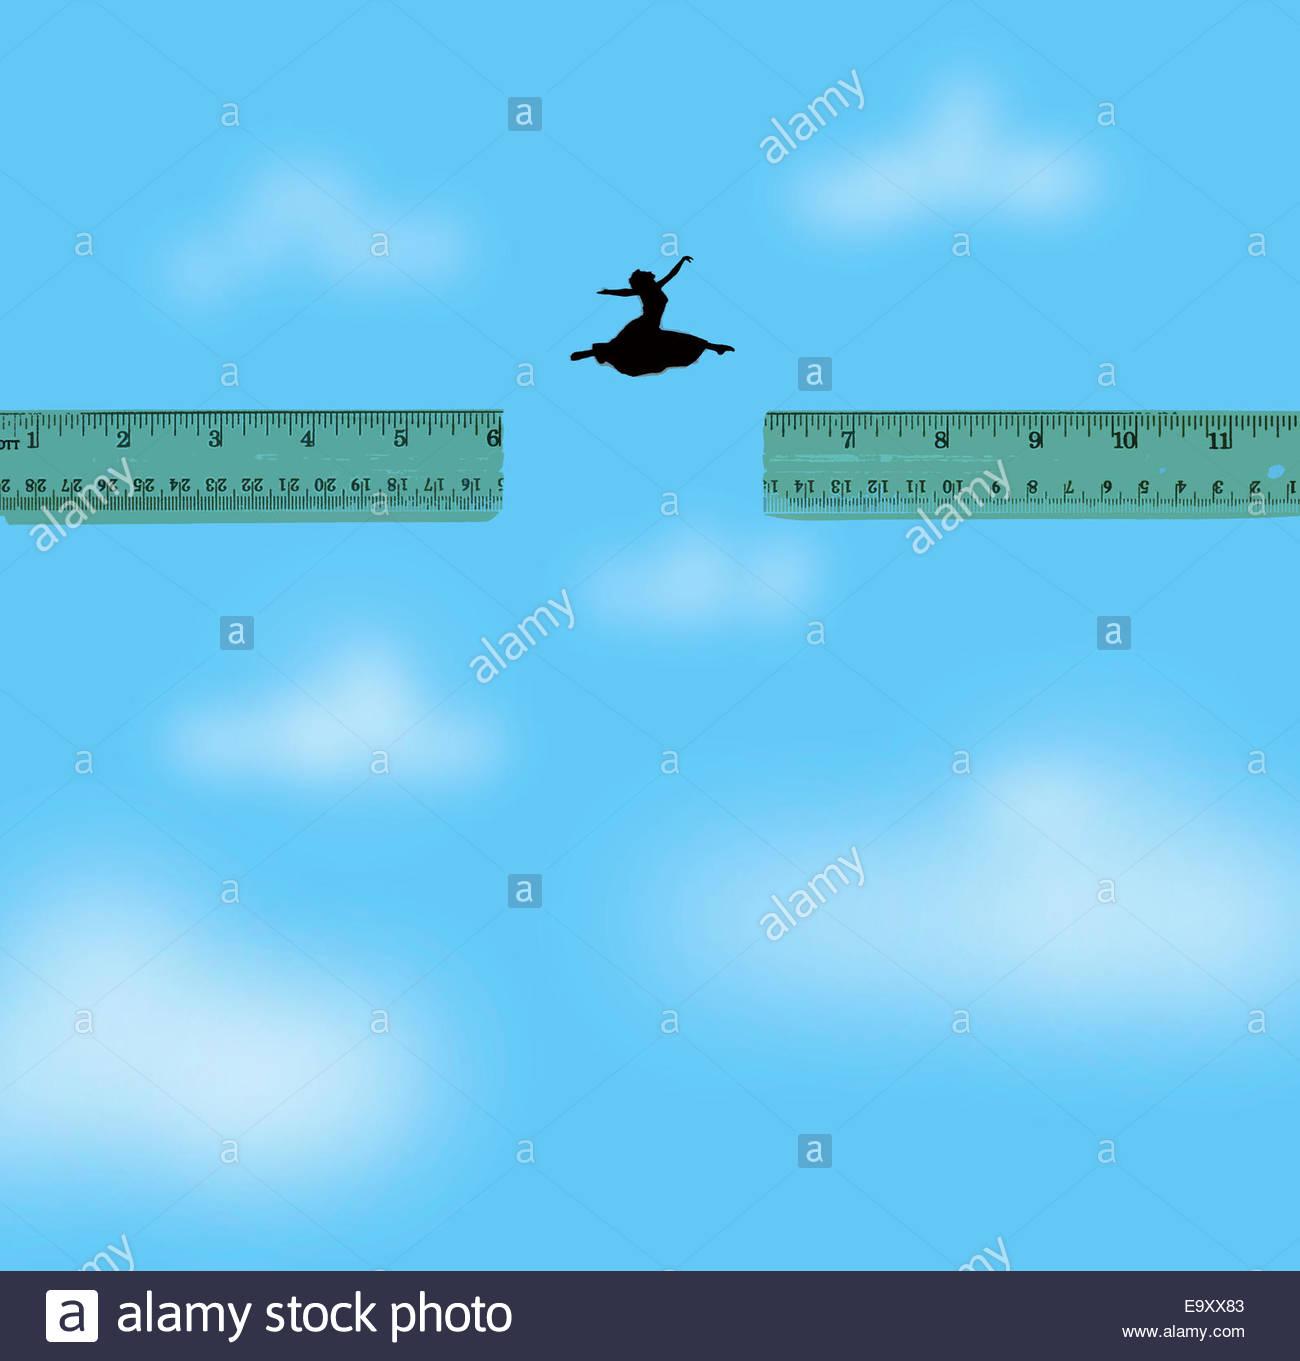 Mujer saltando a través de la brecha entre las dos reglas Imagen De Stock